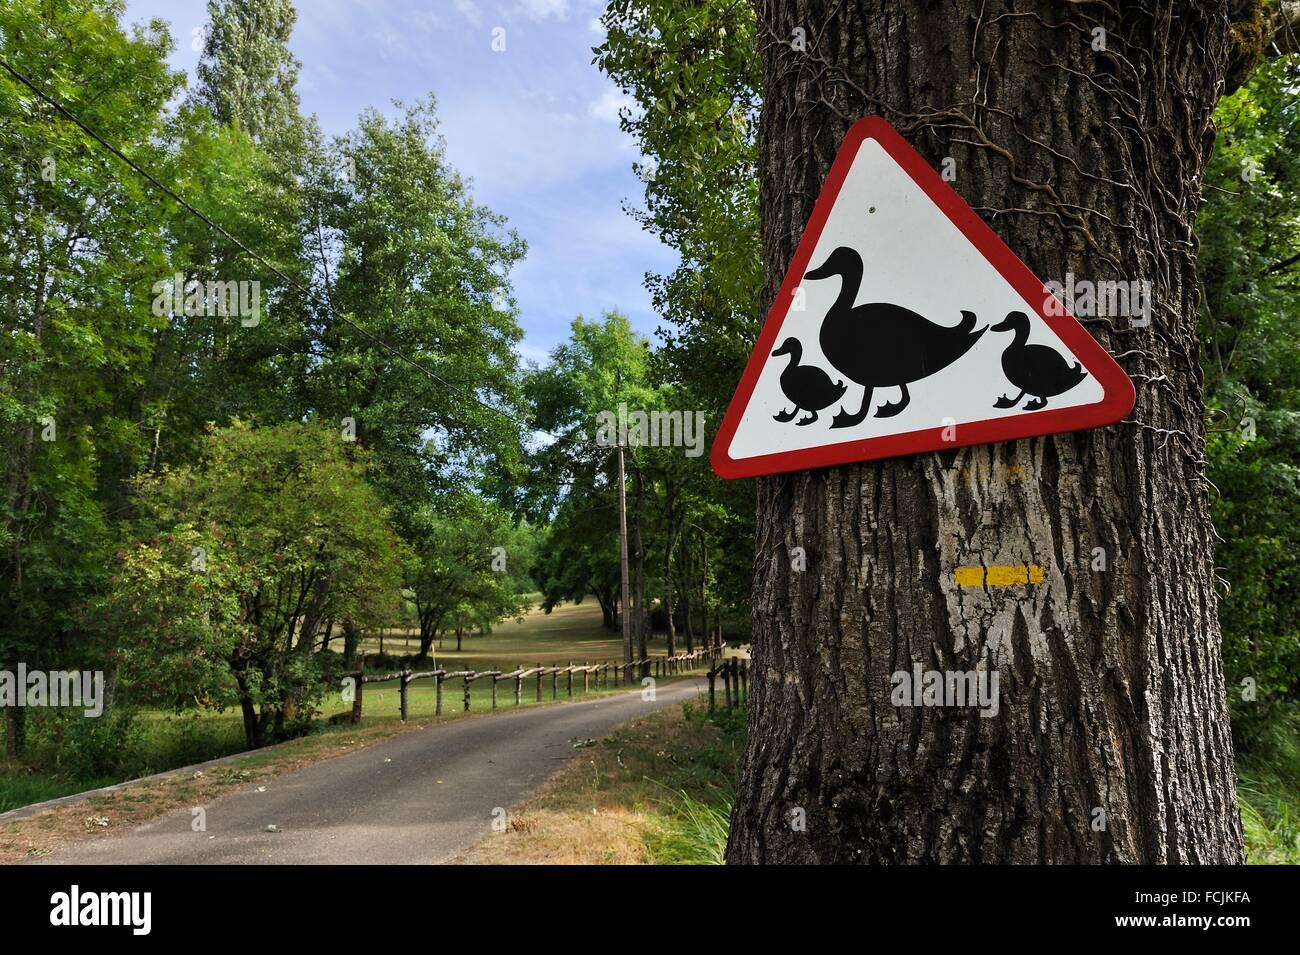 Rare panneau routier, département du Lot, région du Midi-pyrénées, sud-ouest de la France, l'Europe. Photo Stock